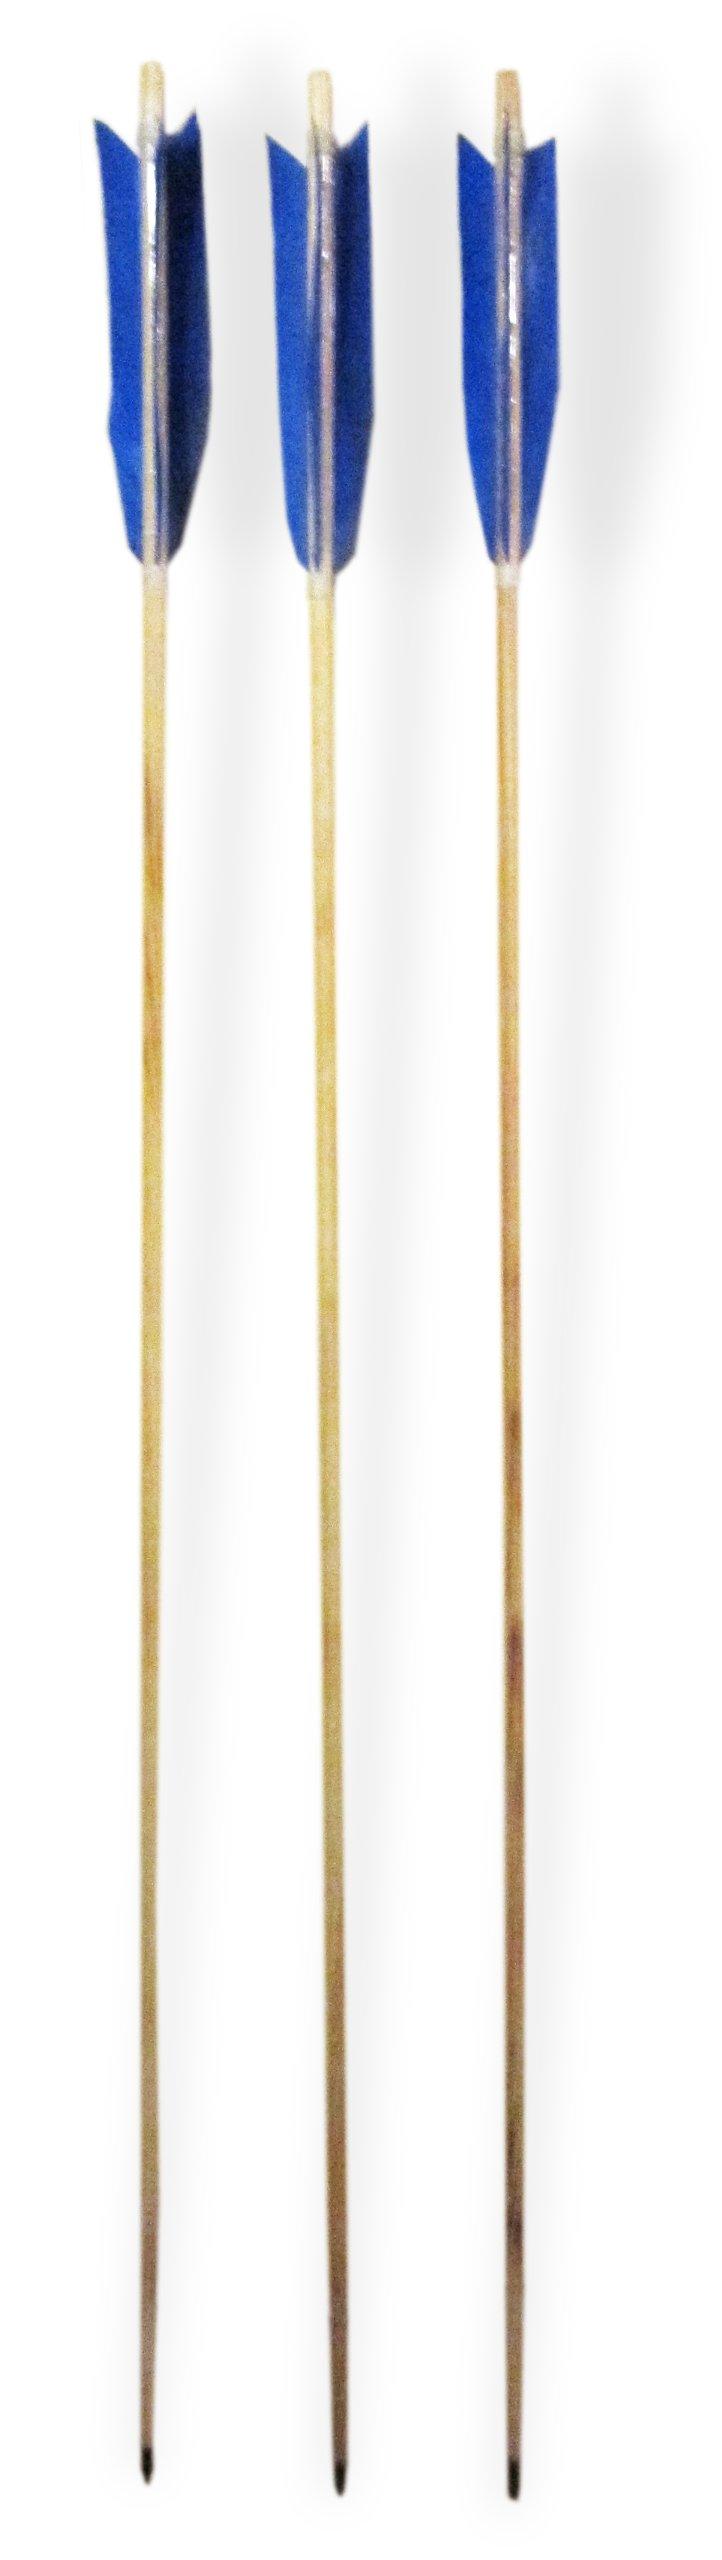 Six- Six Foot Fletched Atlatl Darts